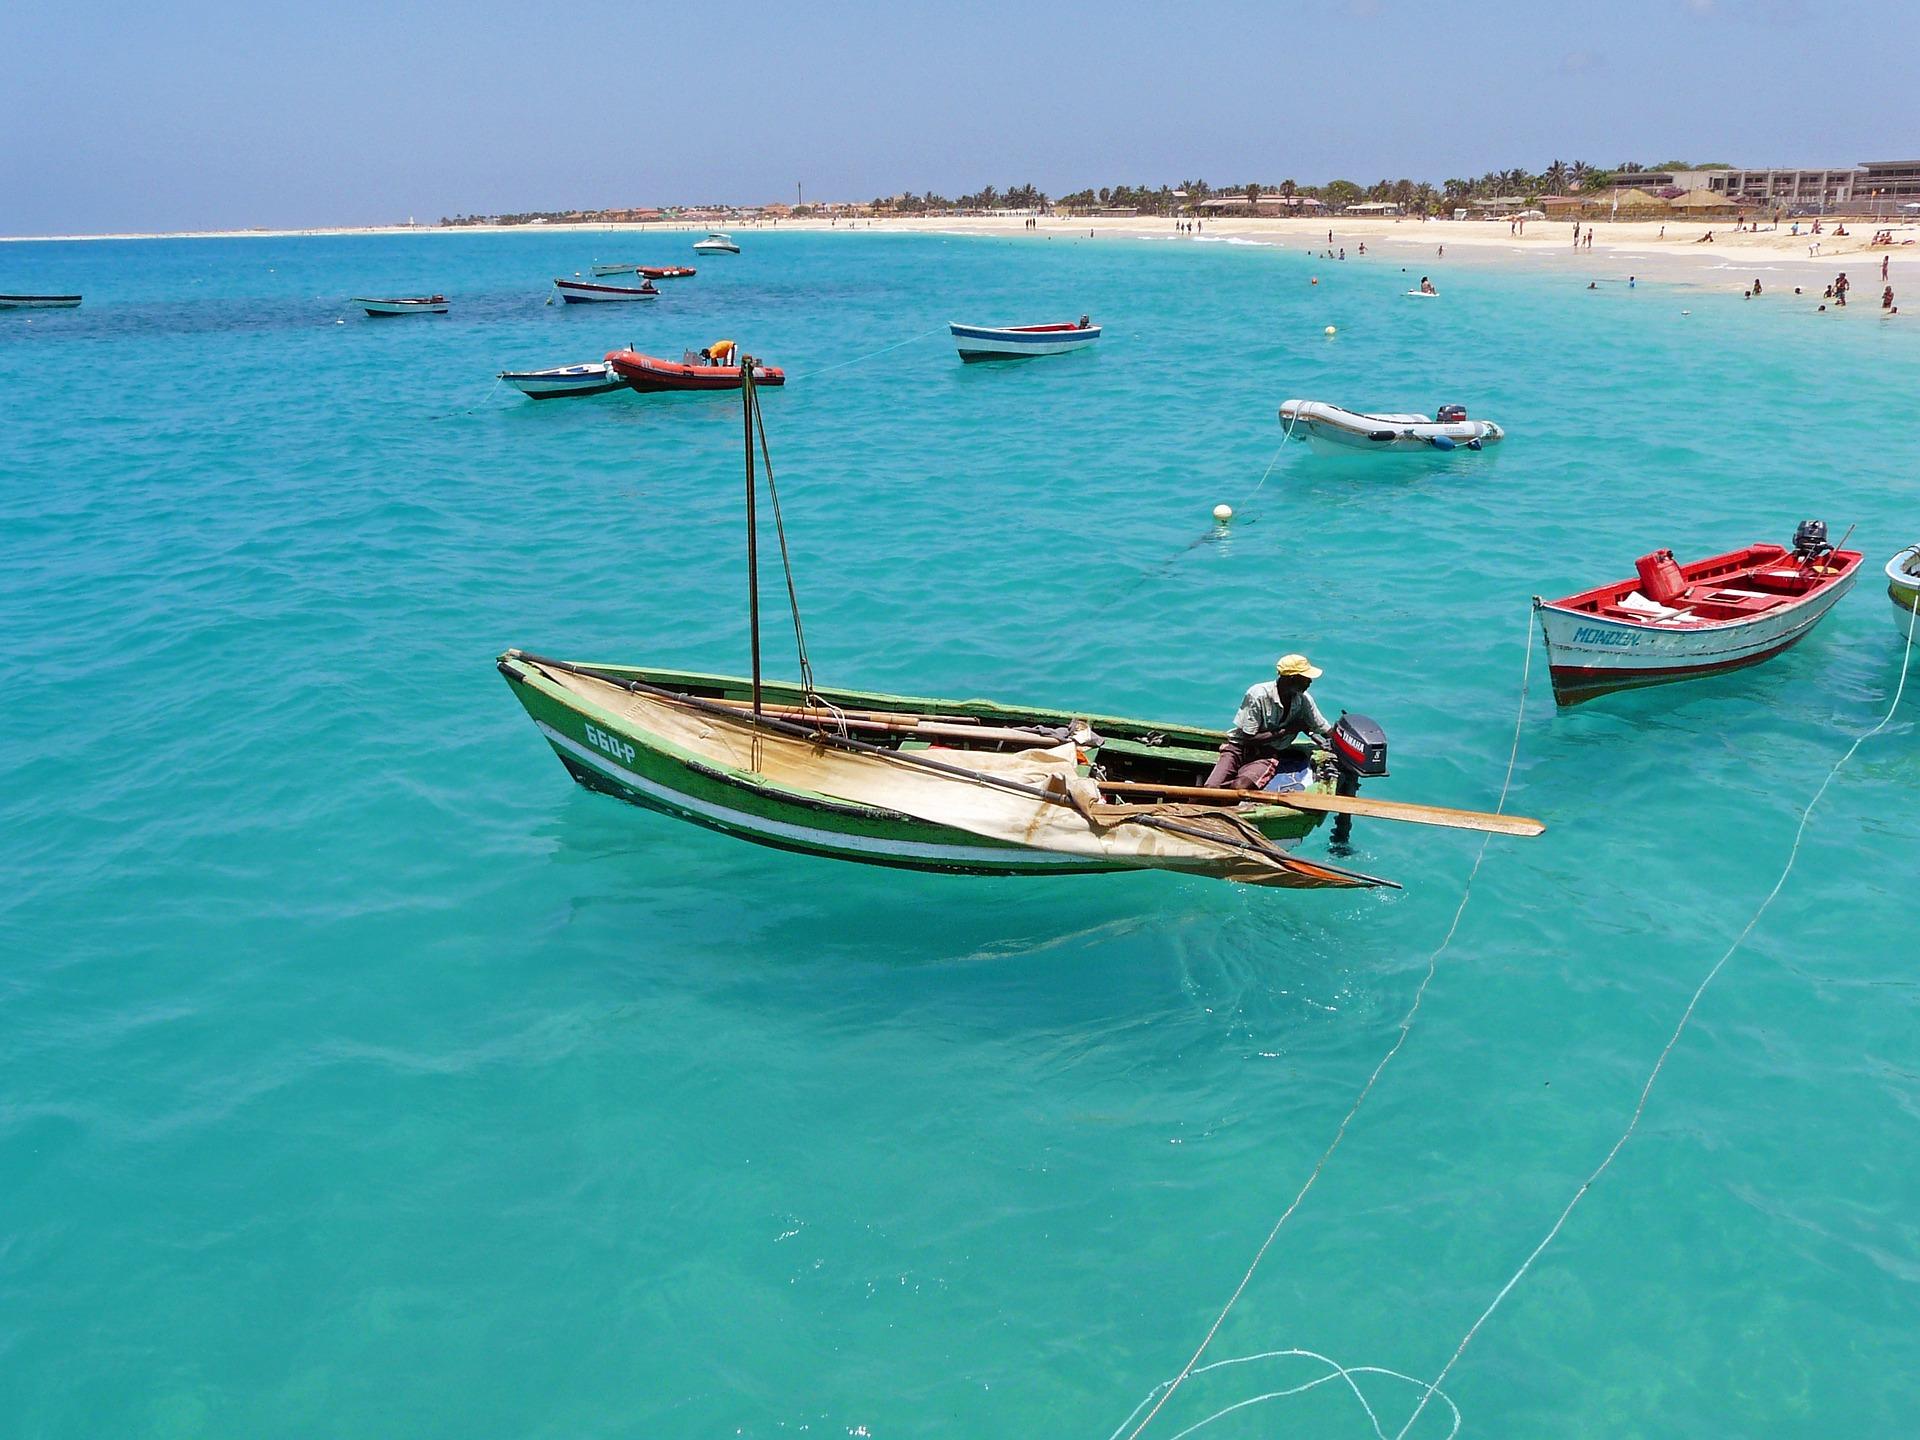 Beach in Cape Verde